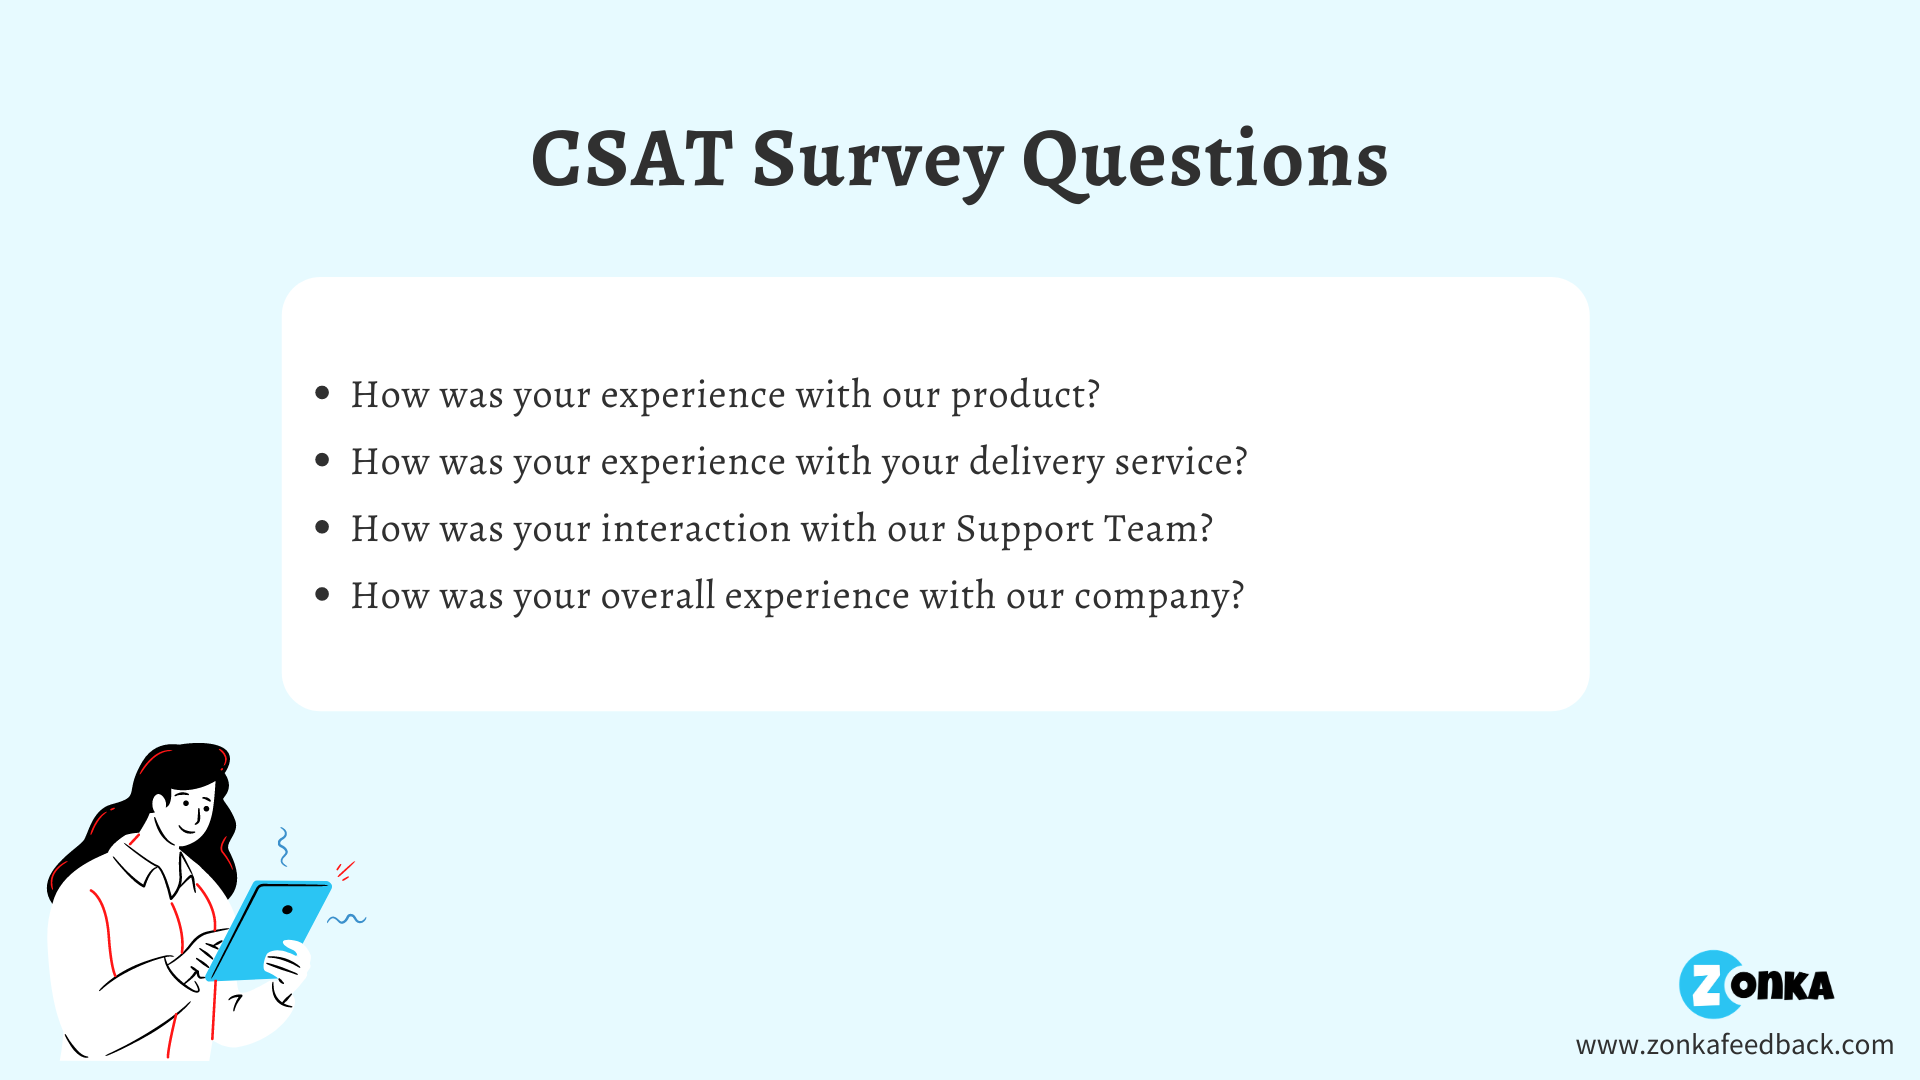 CSAT Survey Questions